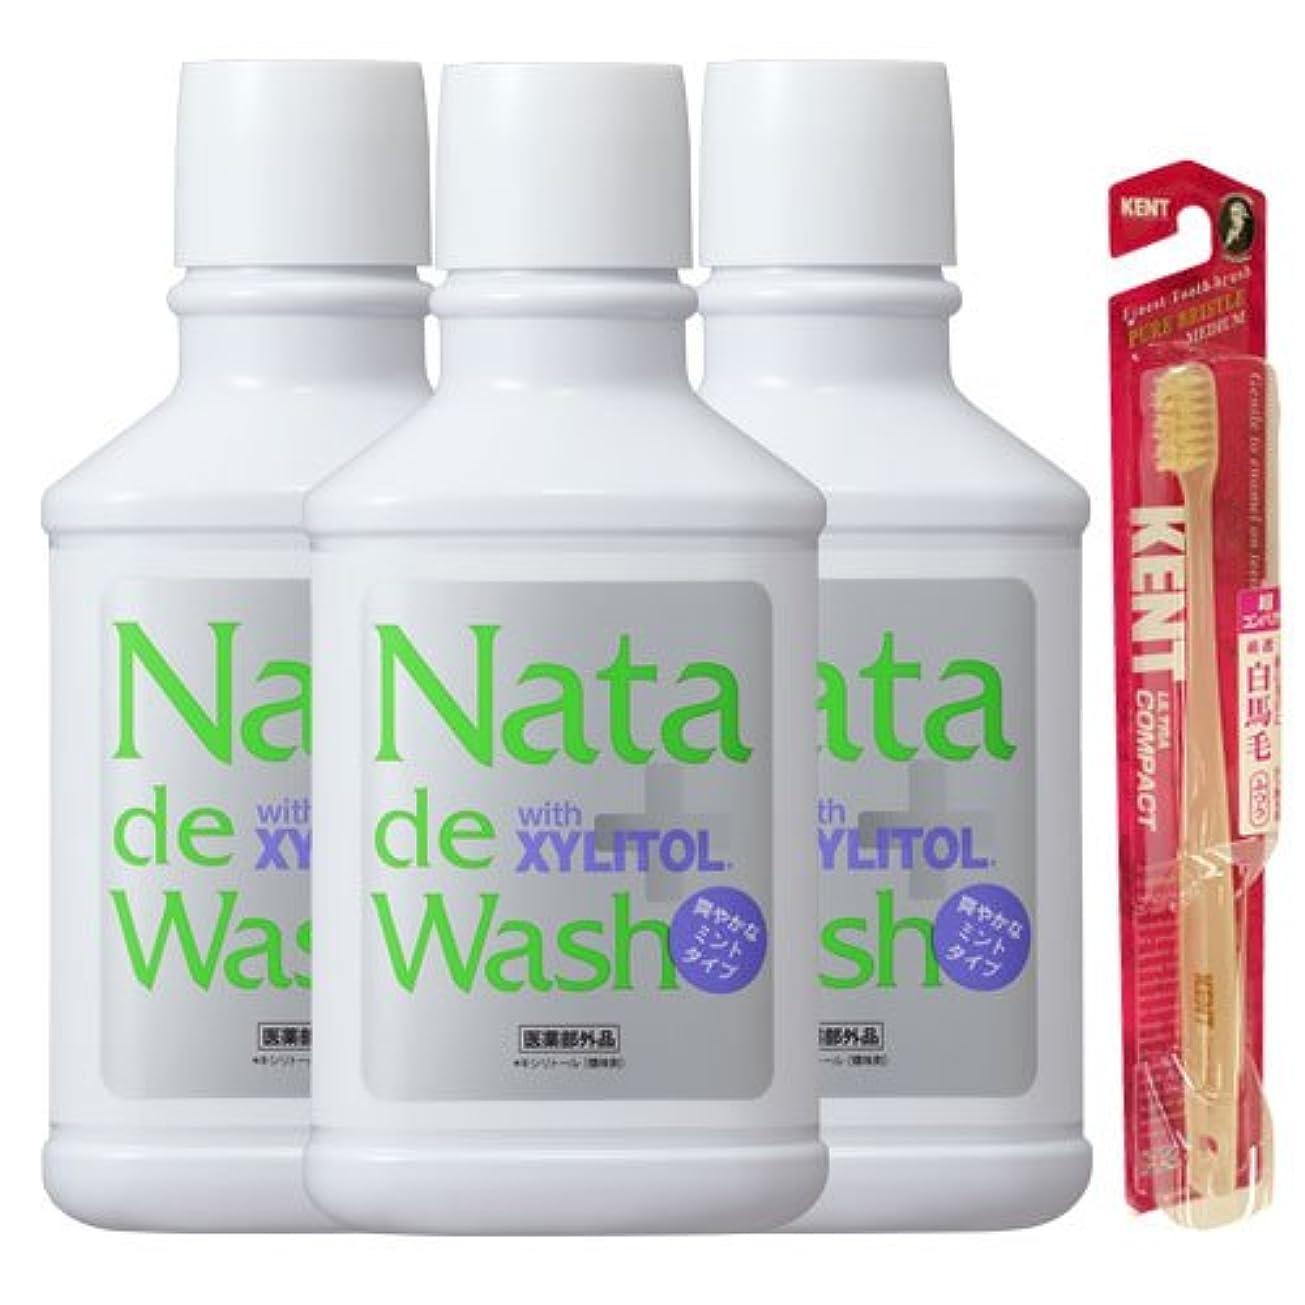 パッチ提供された相続人薬用ナタデウォッシュ 爽やかなミントタイプ 500ml 3本& KENT歯ブラシ1本プレゼント